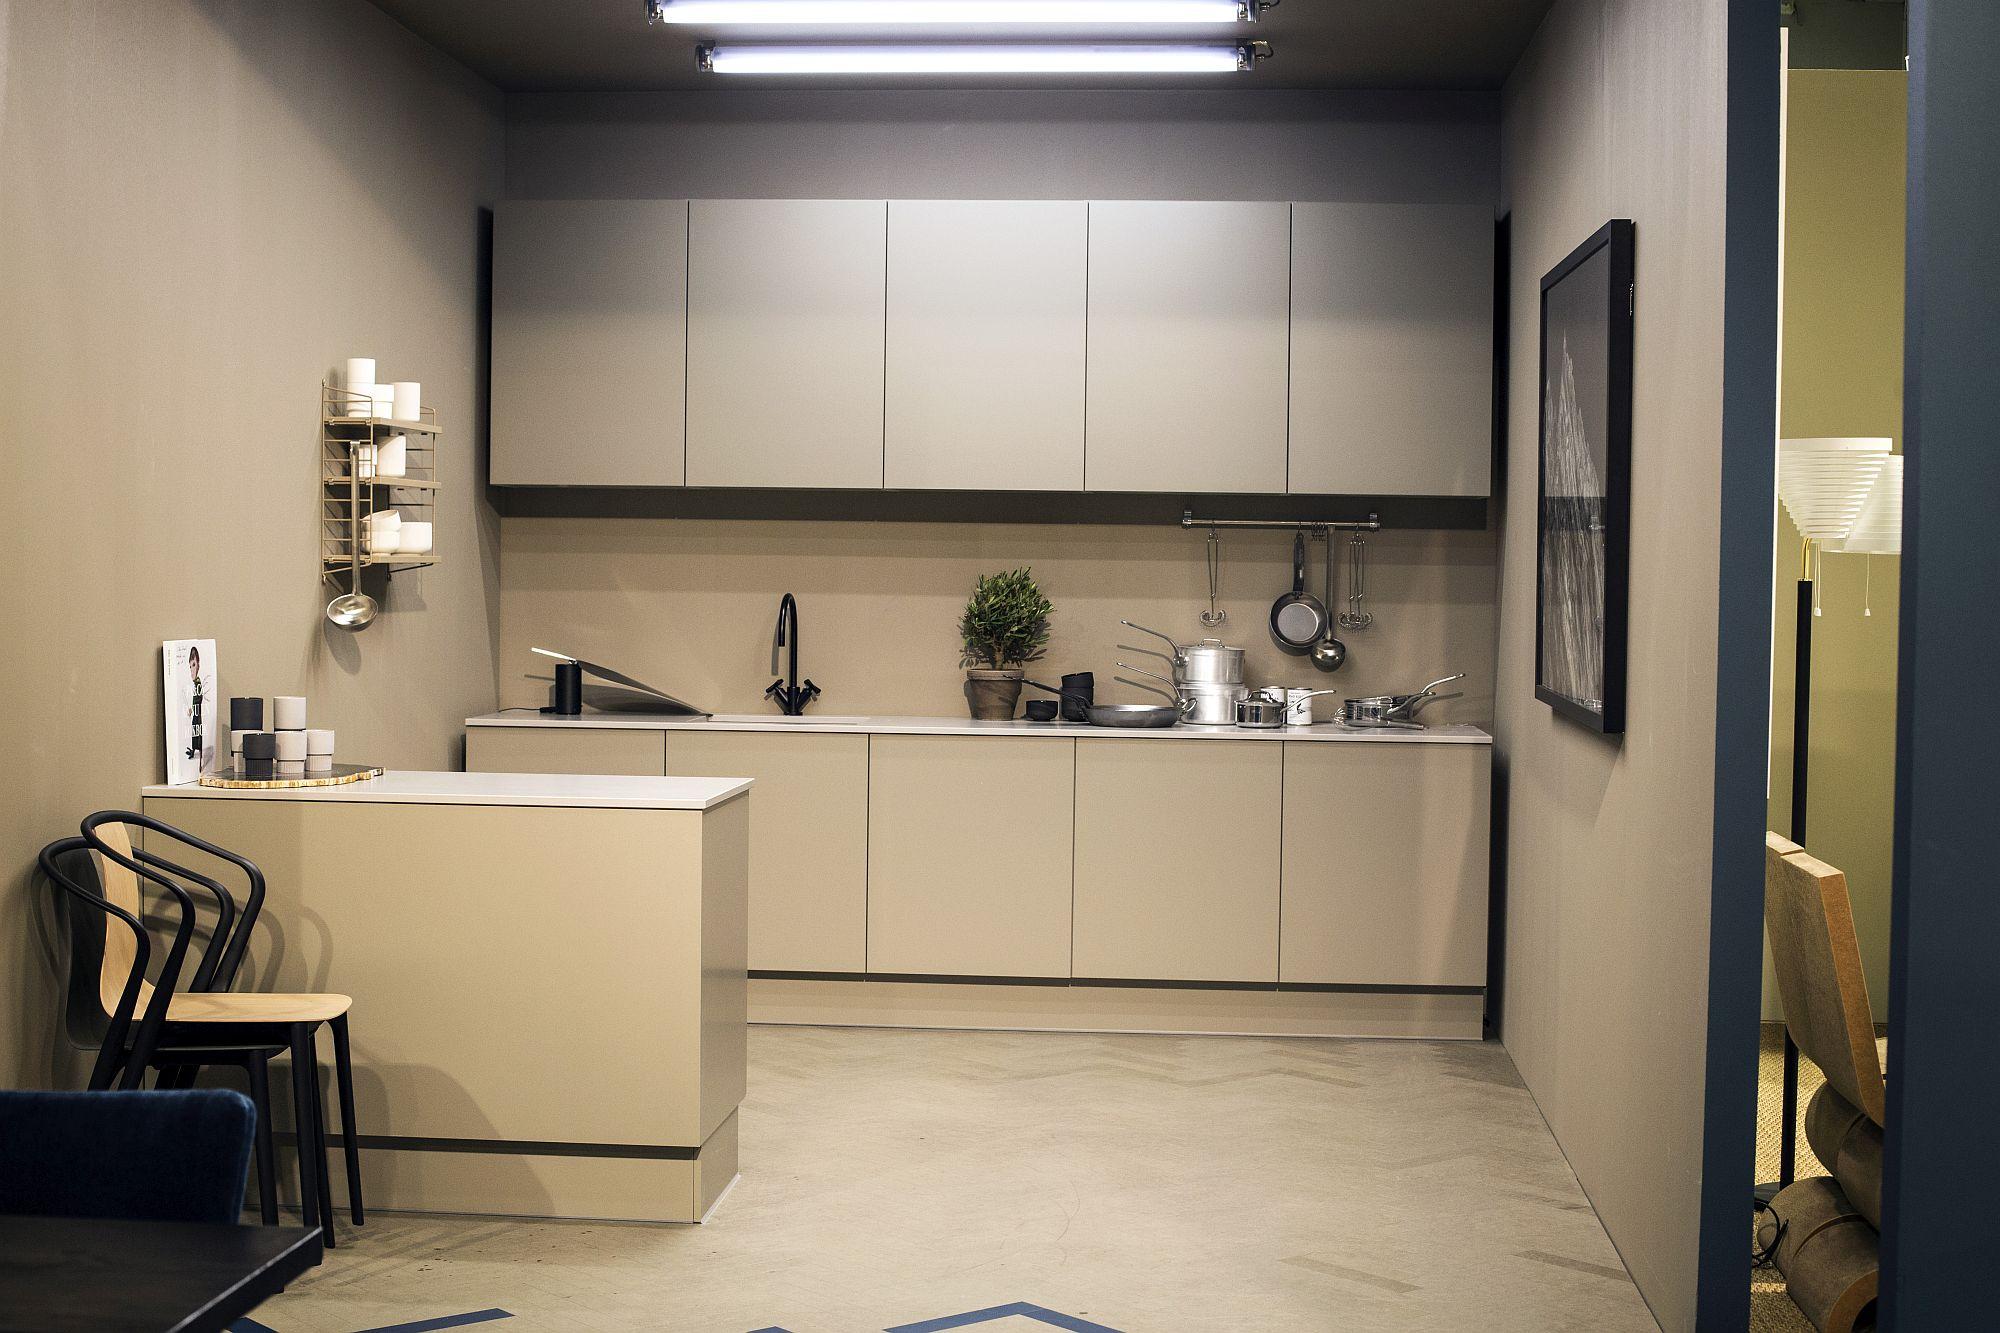 Дизайн мебели для маленькой кухни  с функциональной мебелью в пастельных тонах